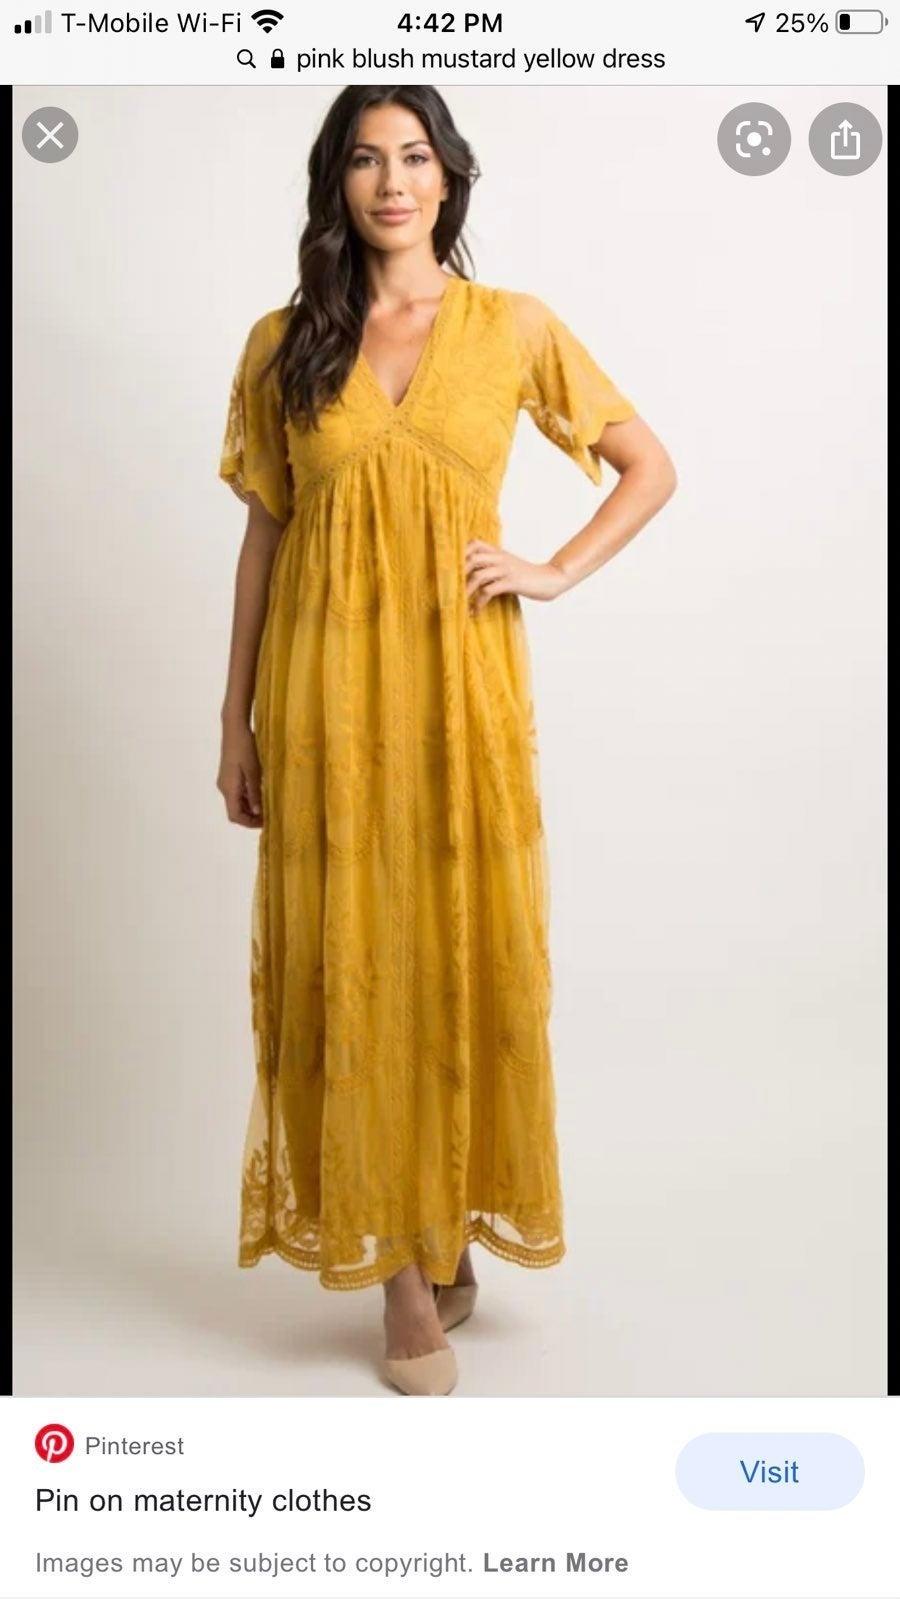 PinkBlush Yellow Mustard Lace Maxi Dress